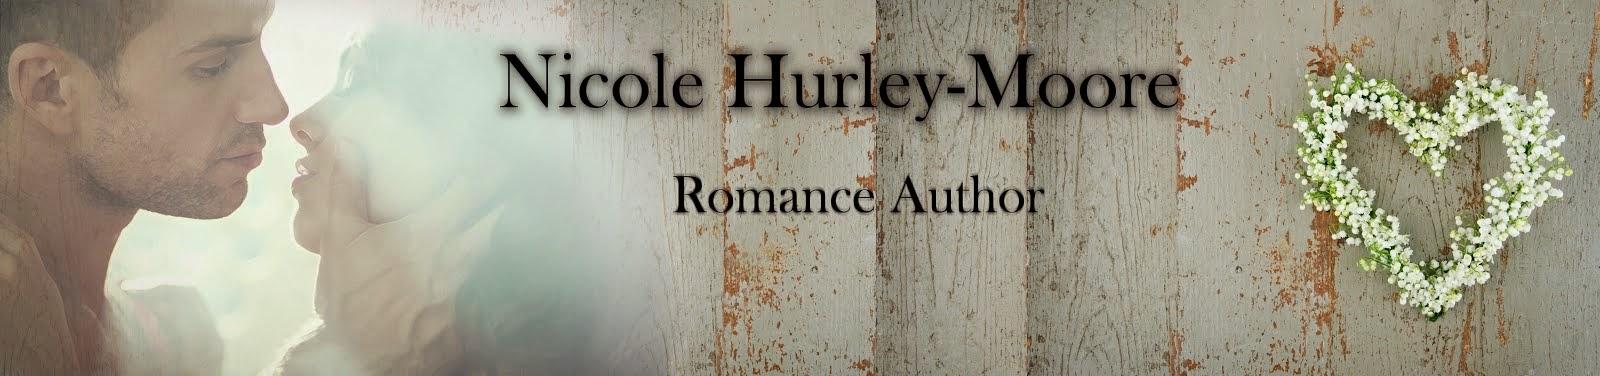 Nicole Hurley-Moore